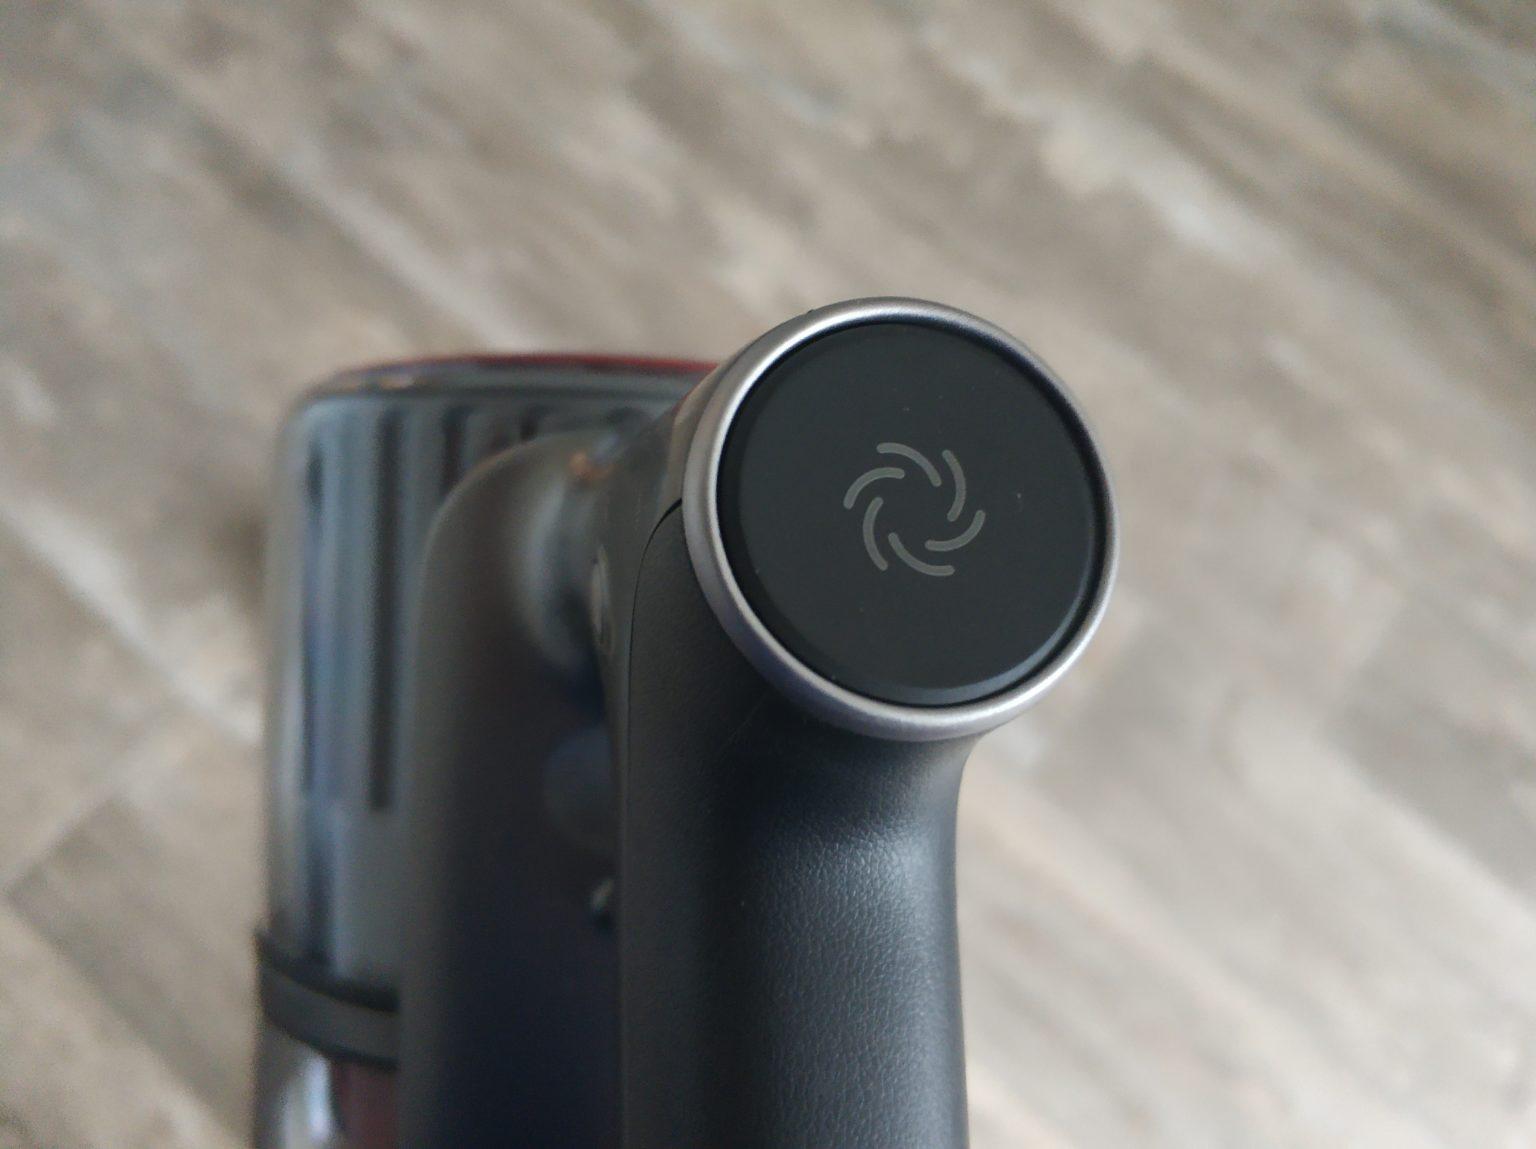 Boton para cambiar el nivel de succion de la aspiradora inalámbrica Roborock H6